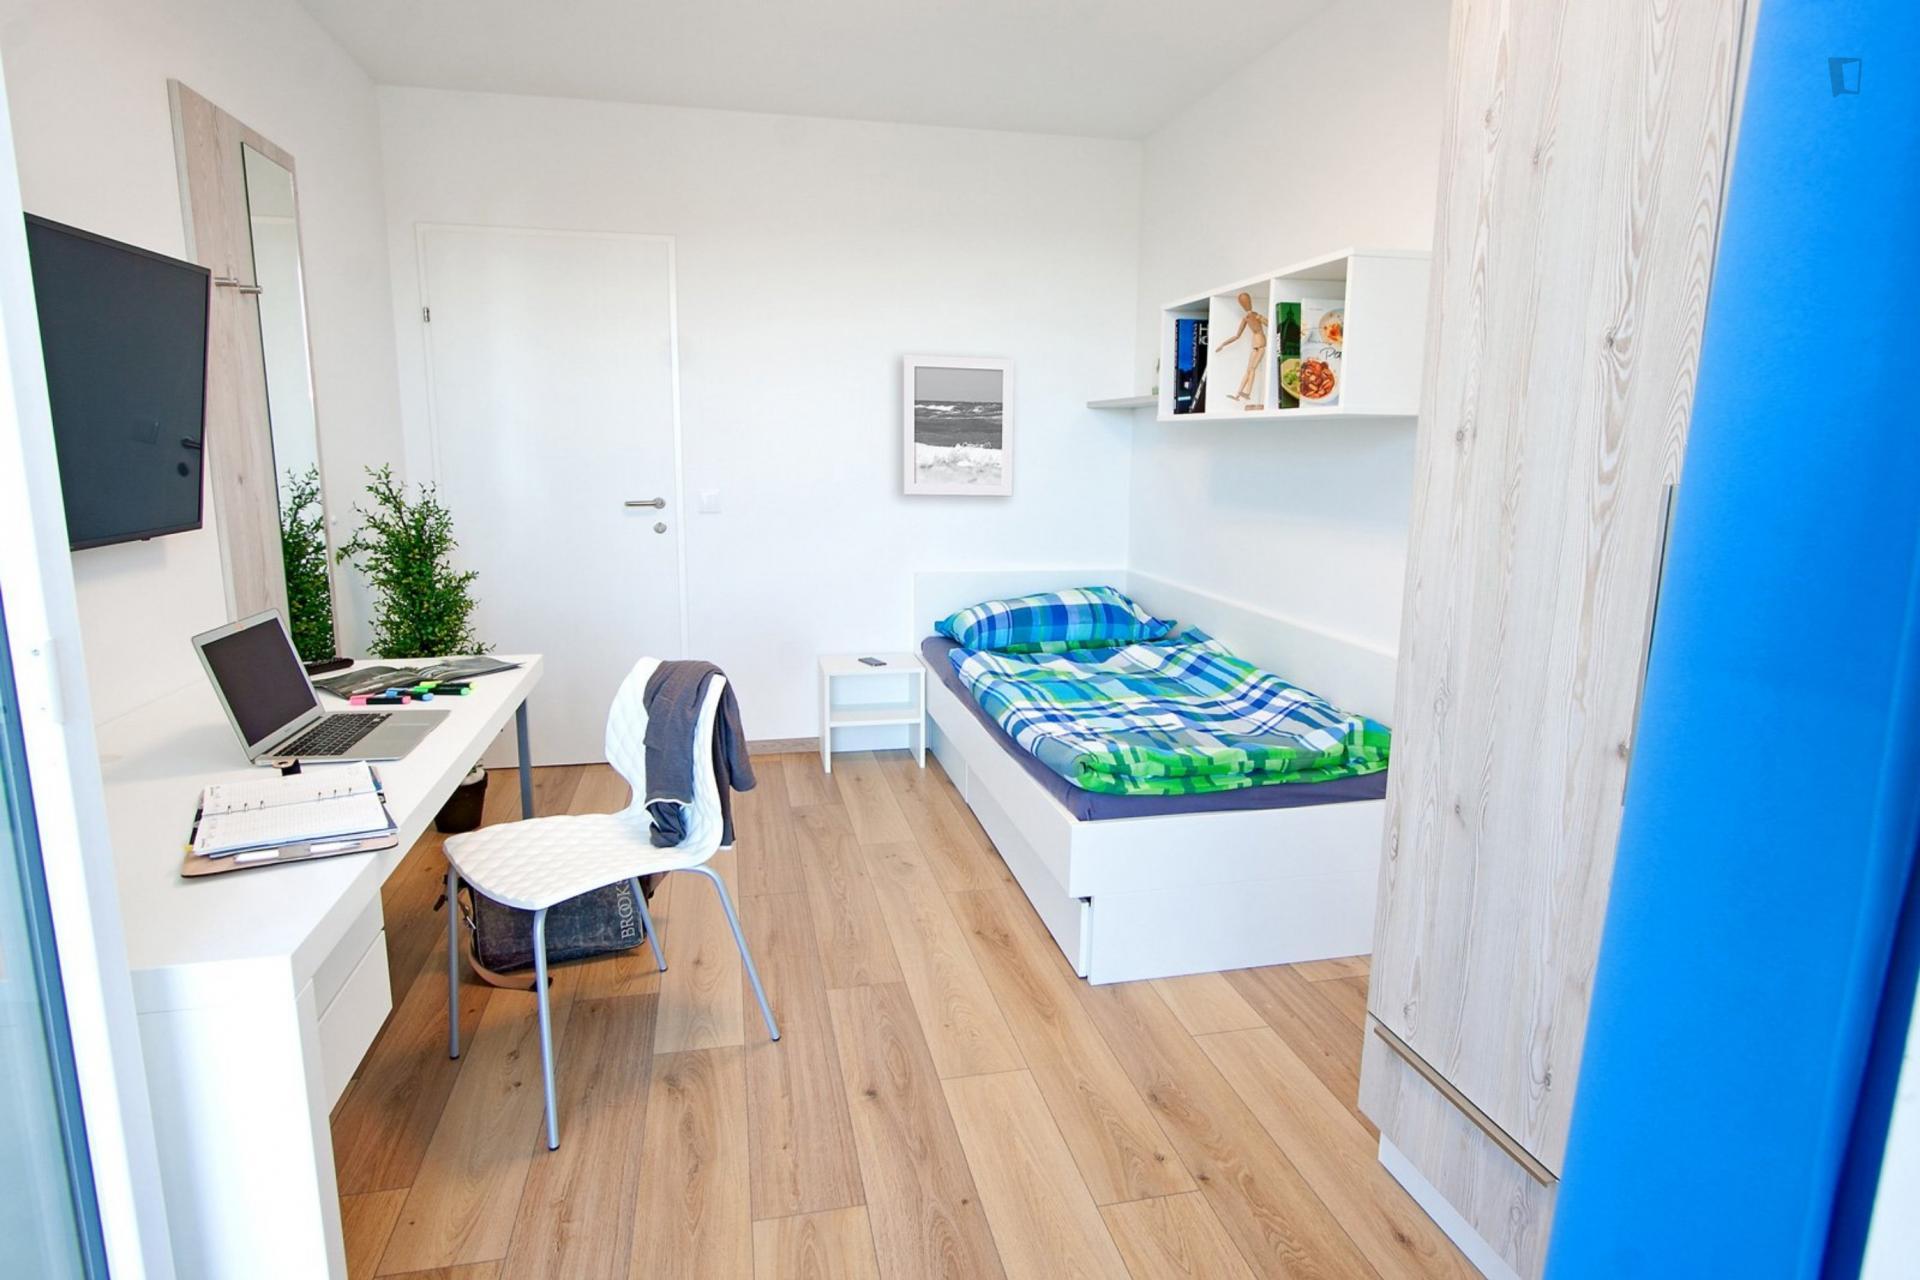 For Rent 1 bed Apartment in Vienna Wien Vienna Austria, 0 ...